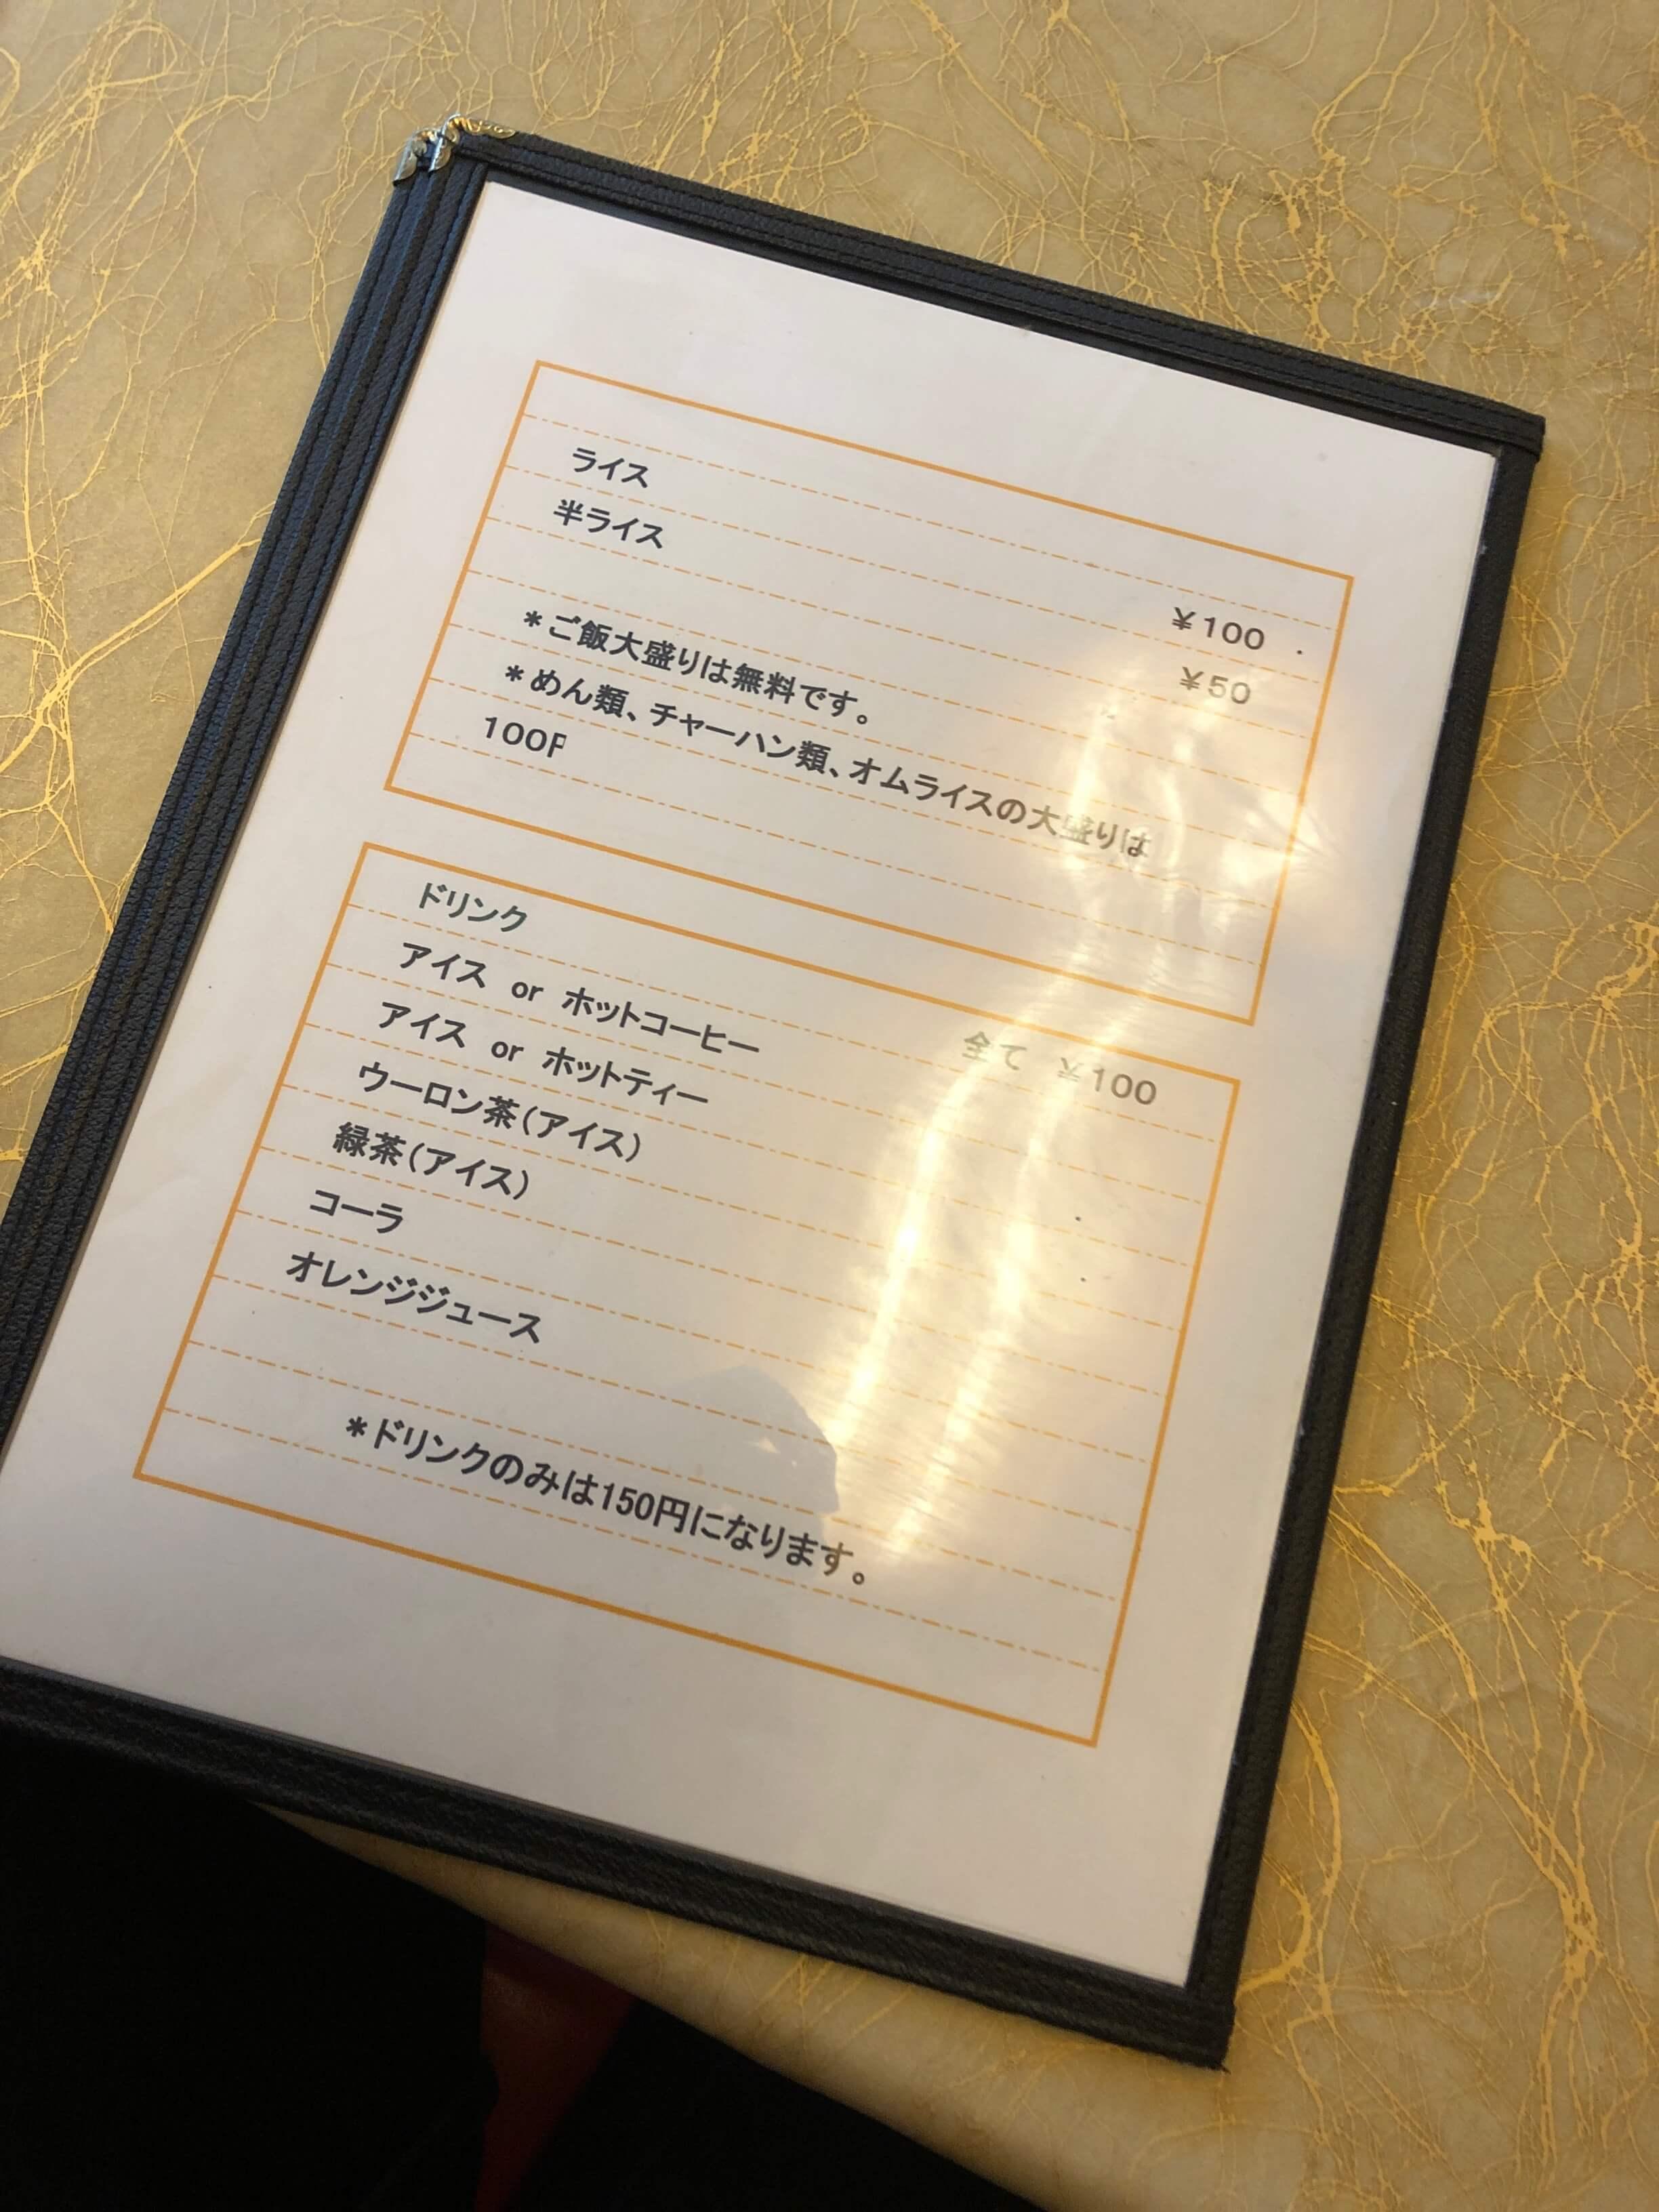 菜宴 メニュー 2020.03.31